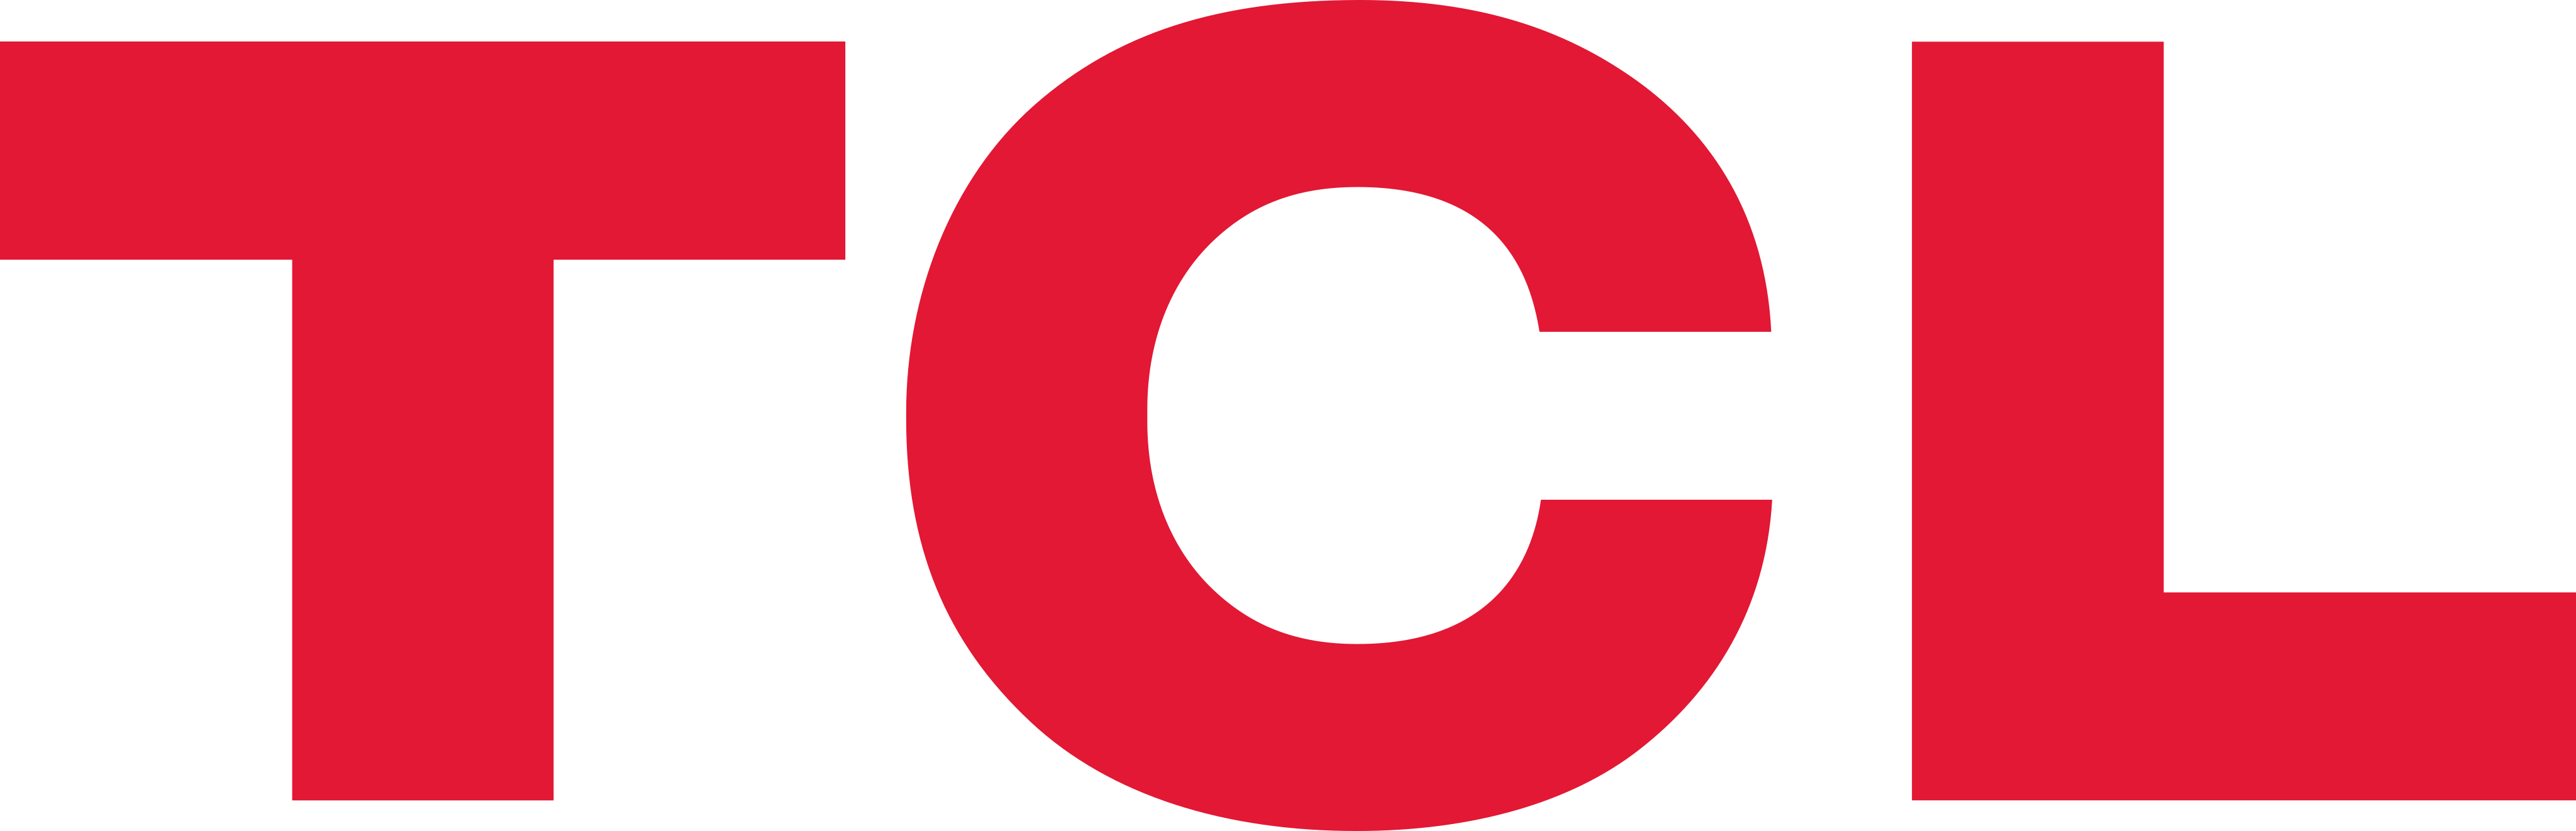 tcl logo 1 - TCL Logo